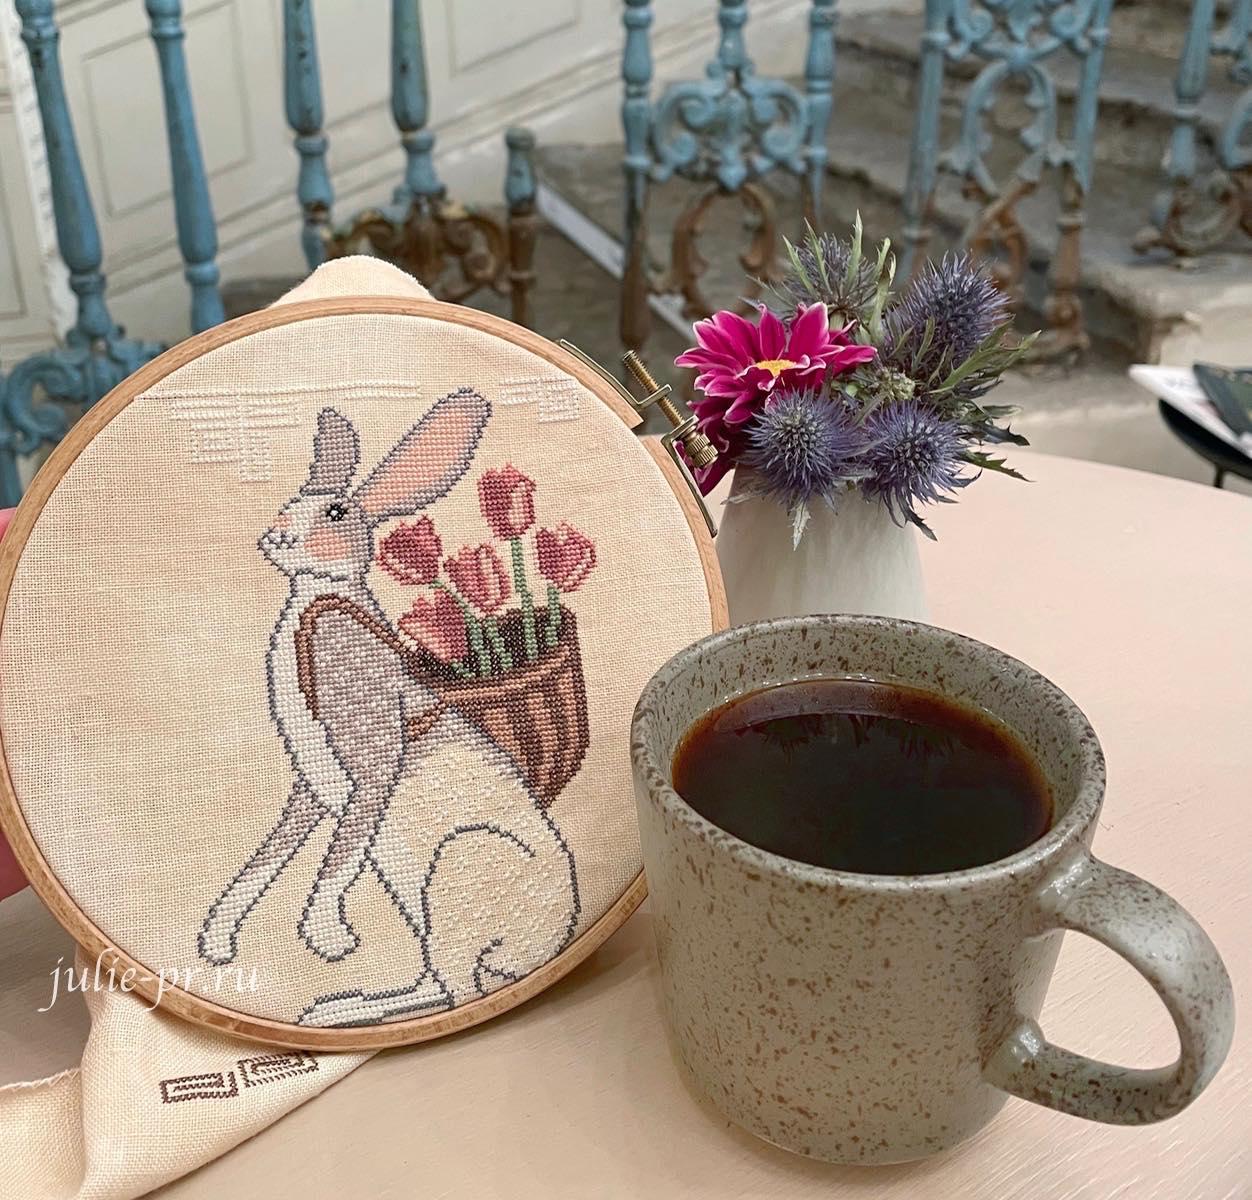 вышивка крестом, примитив, Cottage Garden Samplings, Basketful of Love, A time for all seasons 4, заяц с корзиной тюльпанов, тюльпаны, корзина любви, кофейня Gotcha